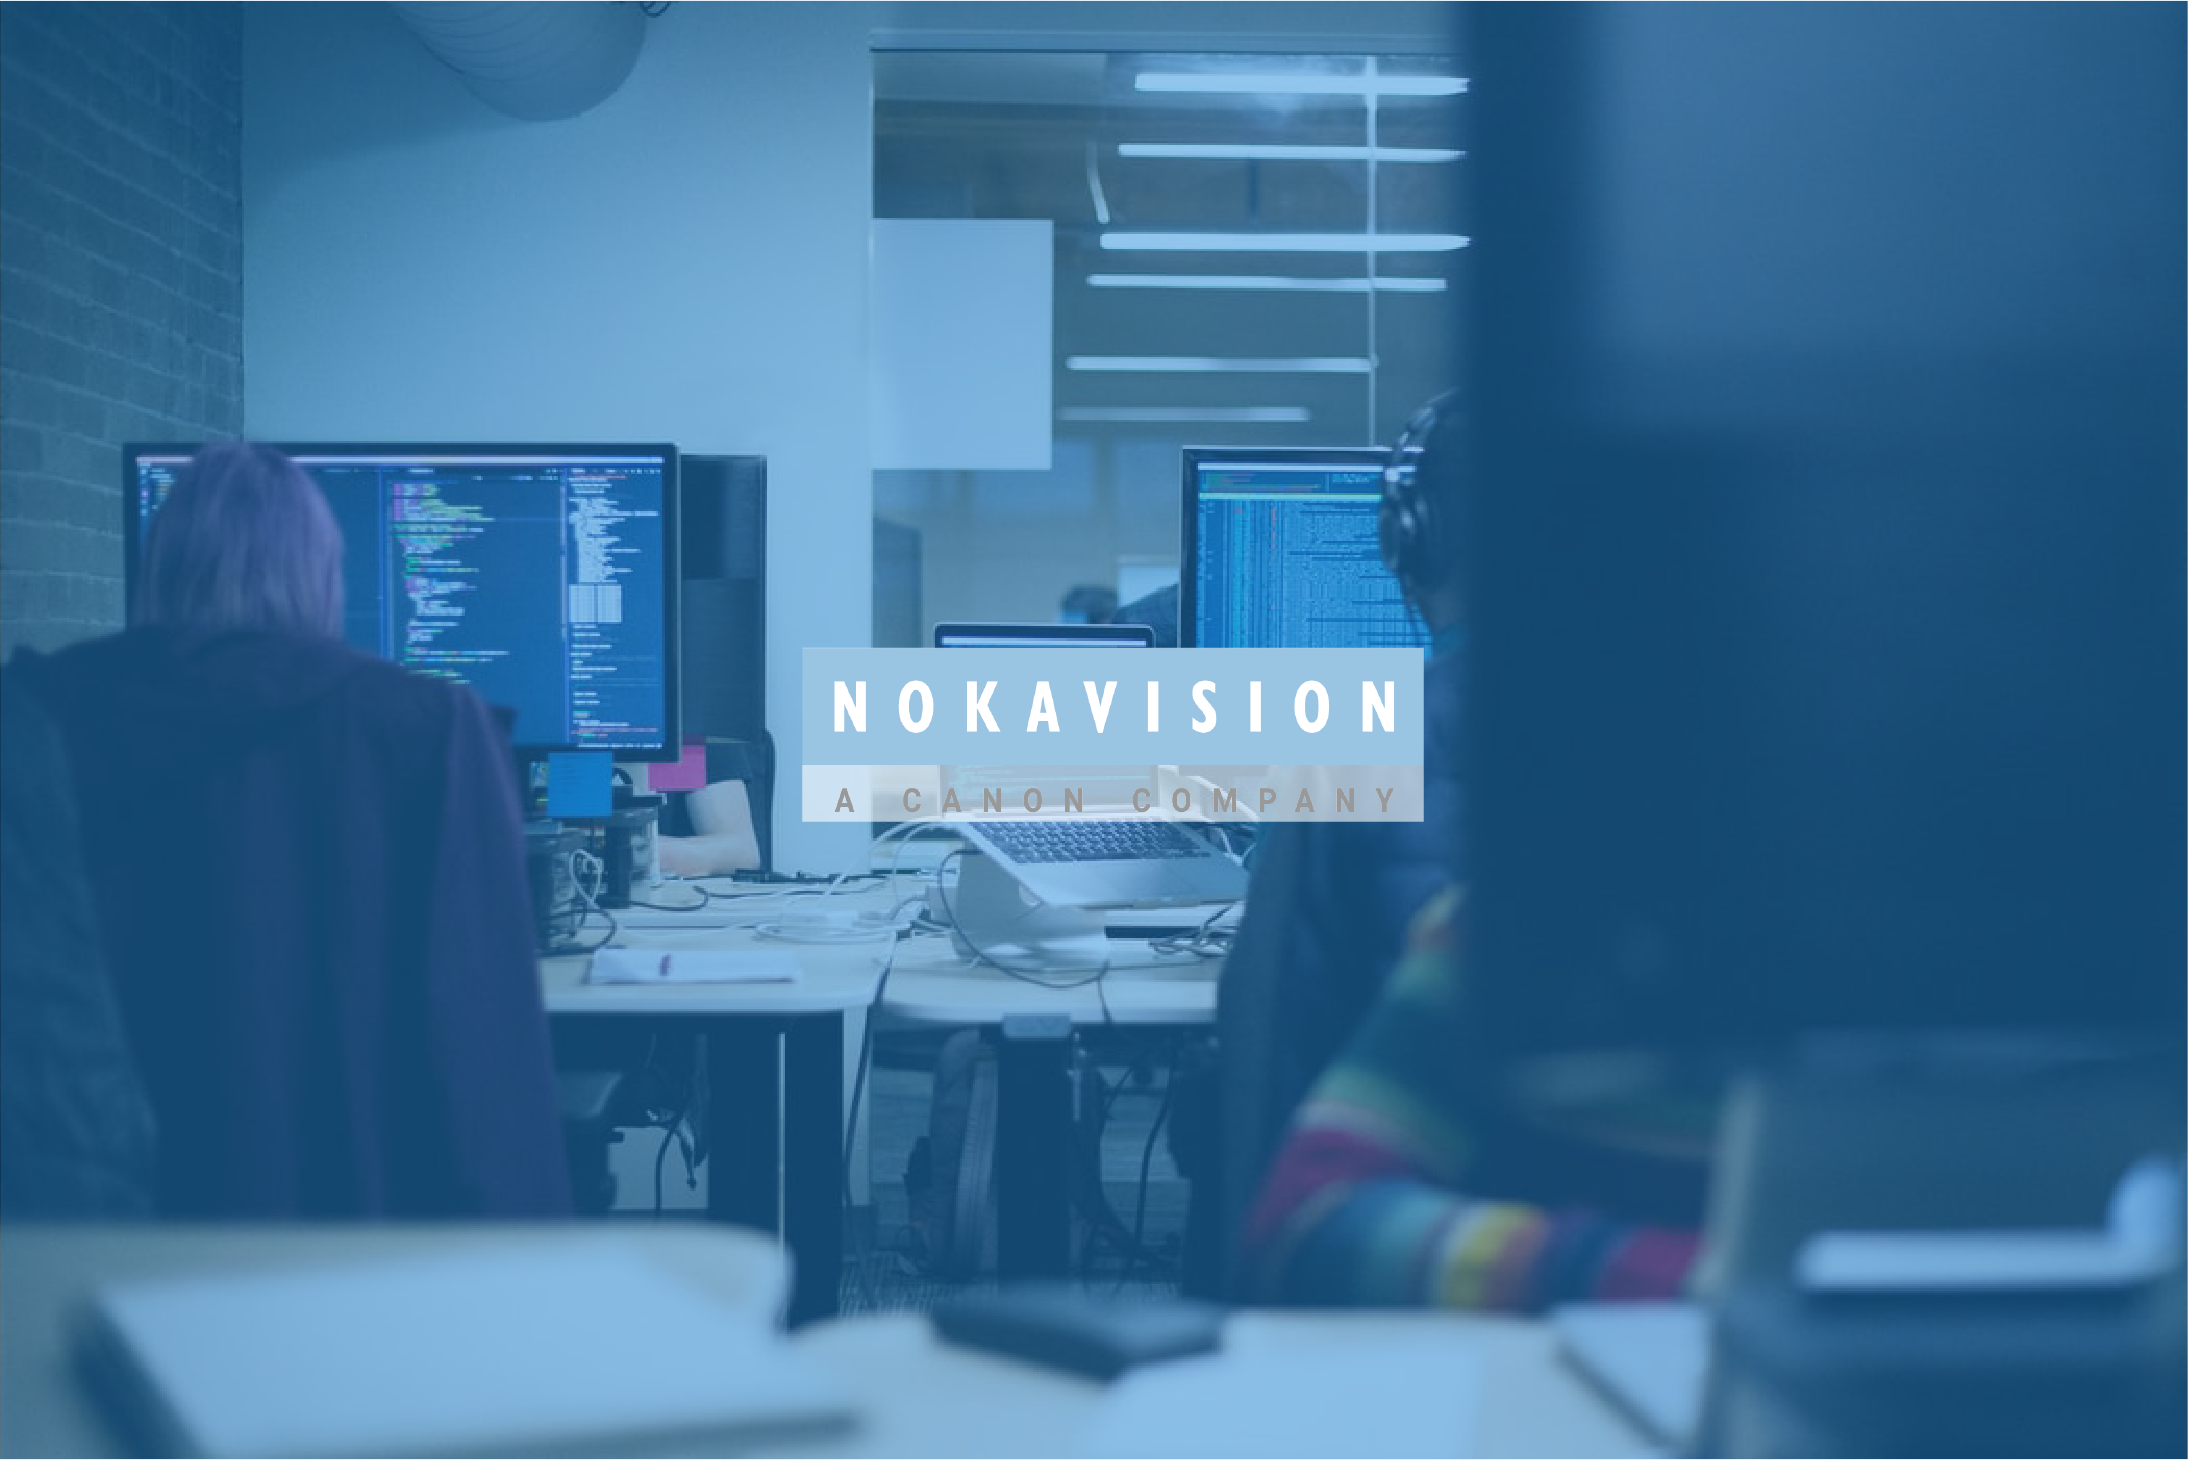 Nokavision Case